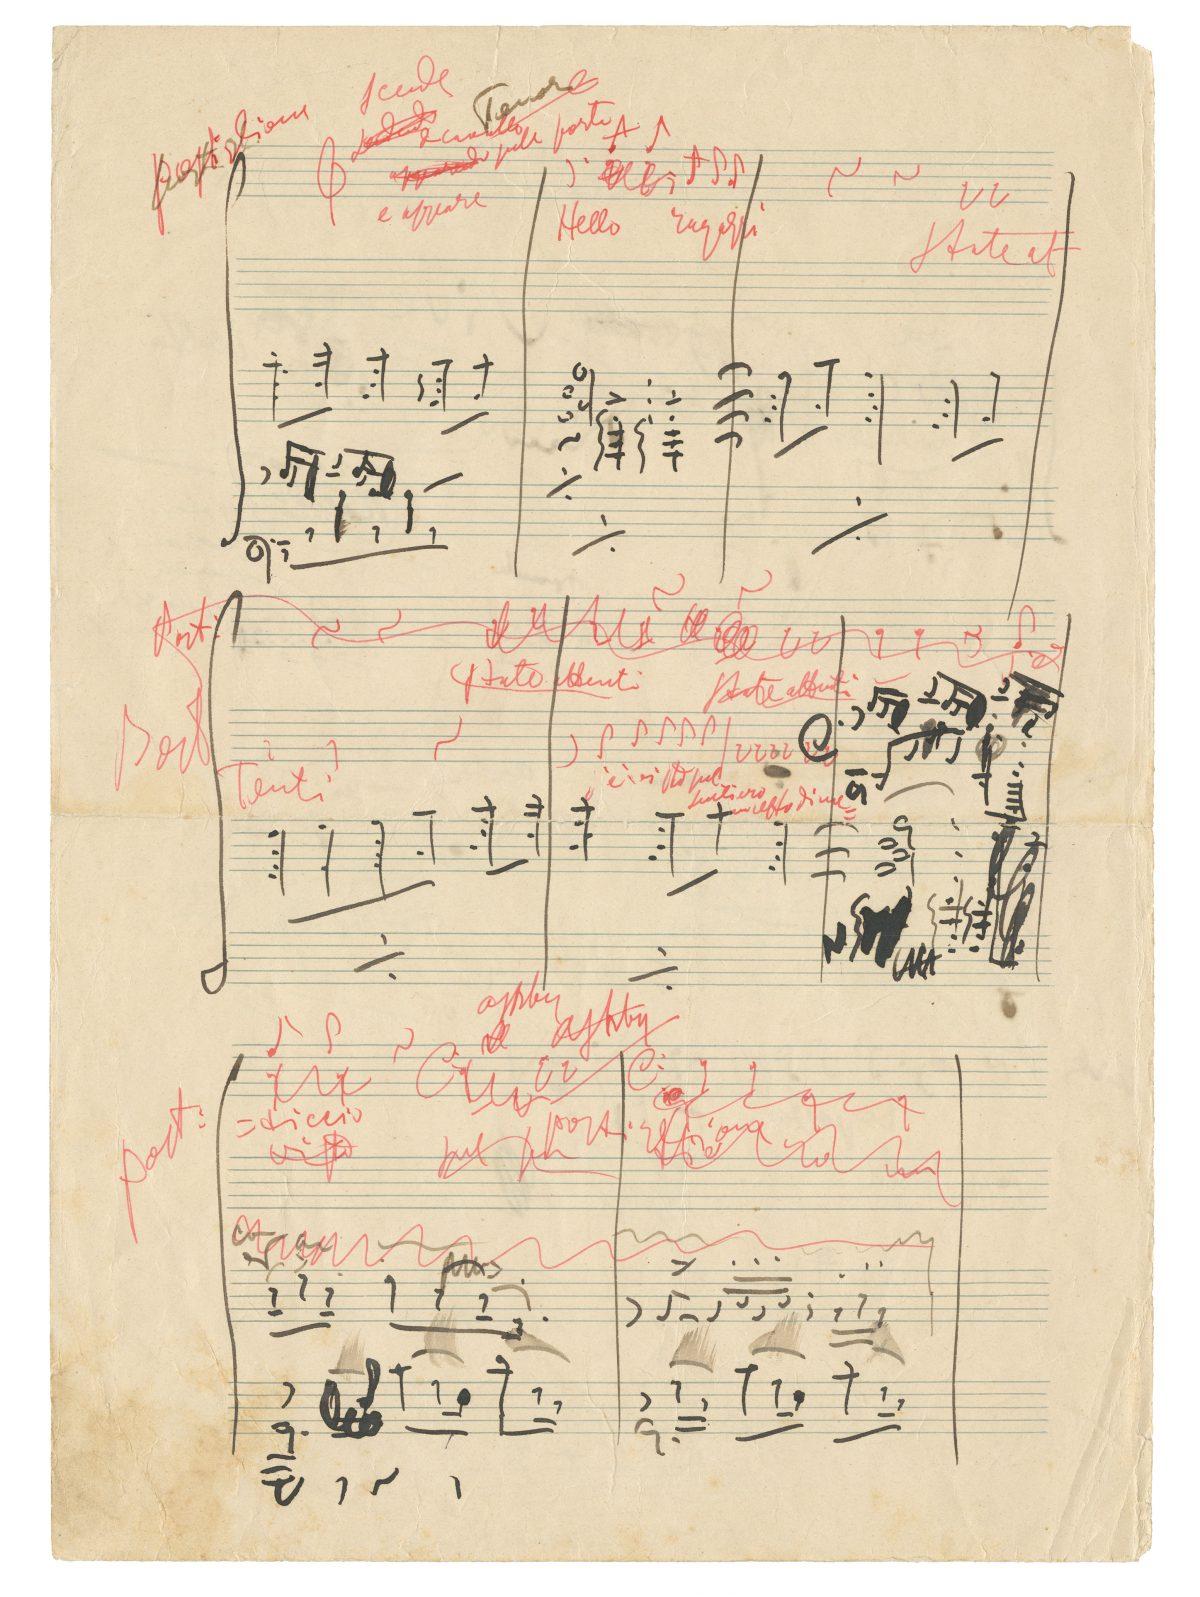 Puccini handwritten score 1908